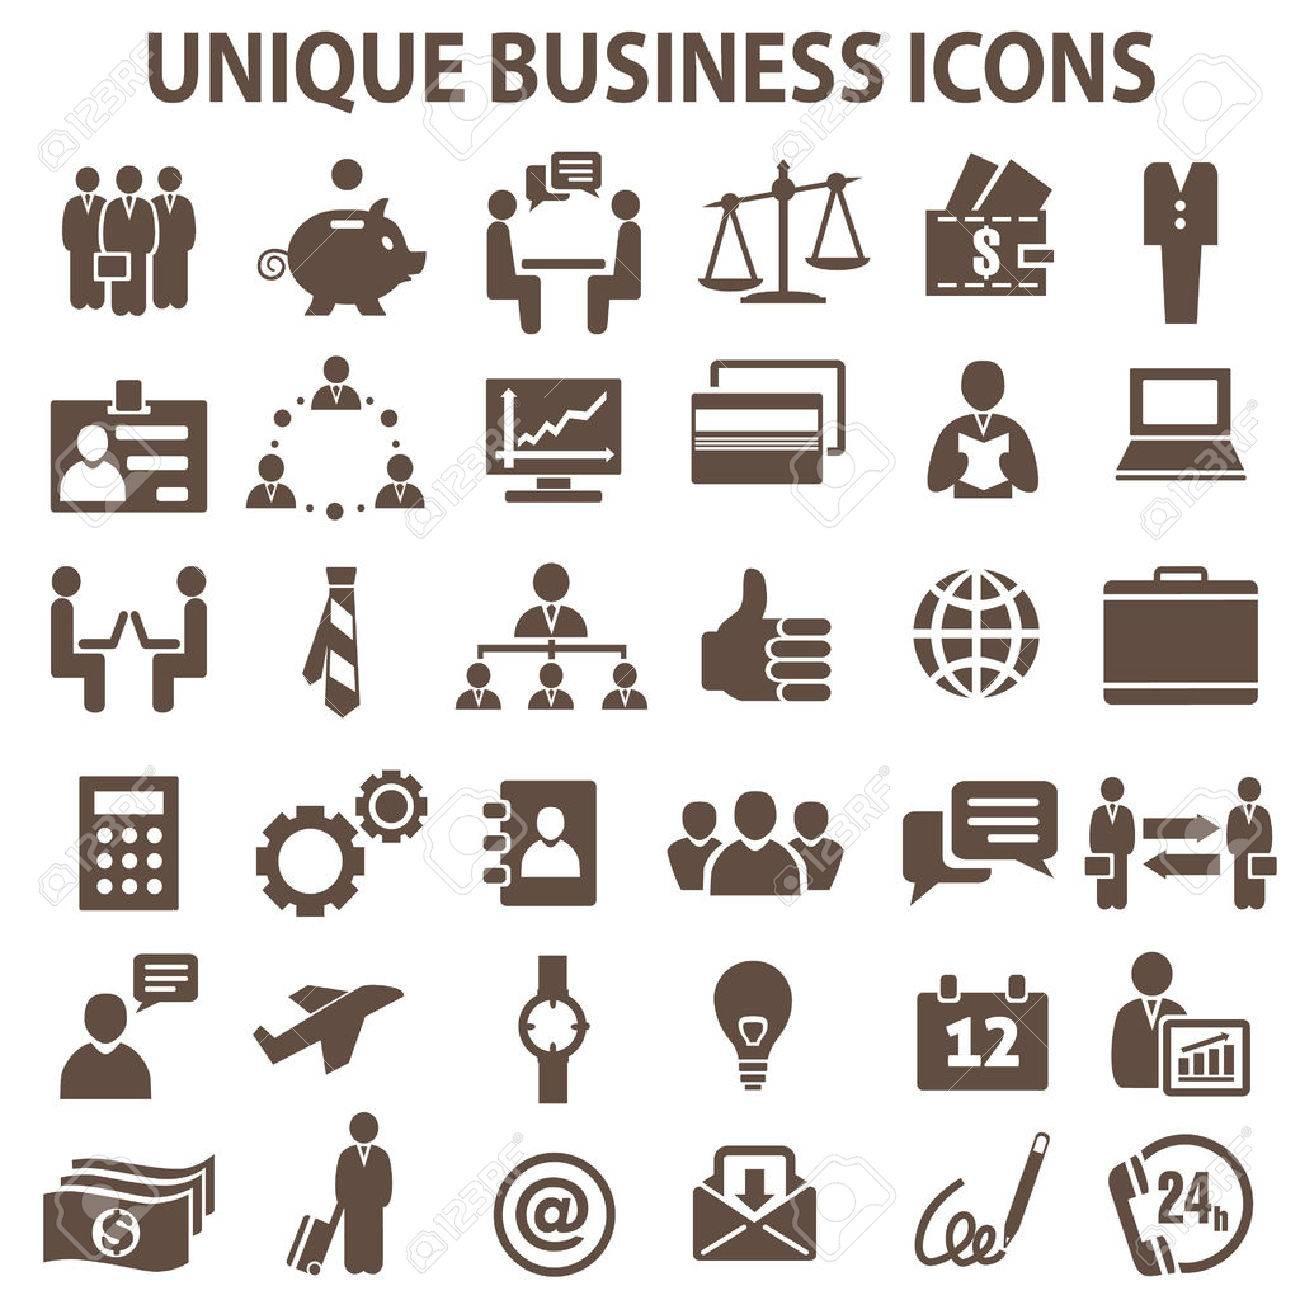 Set of 36 unique business icons. - 54227470